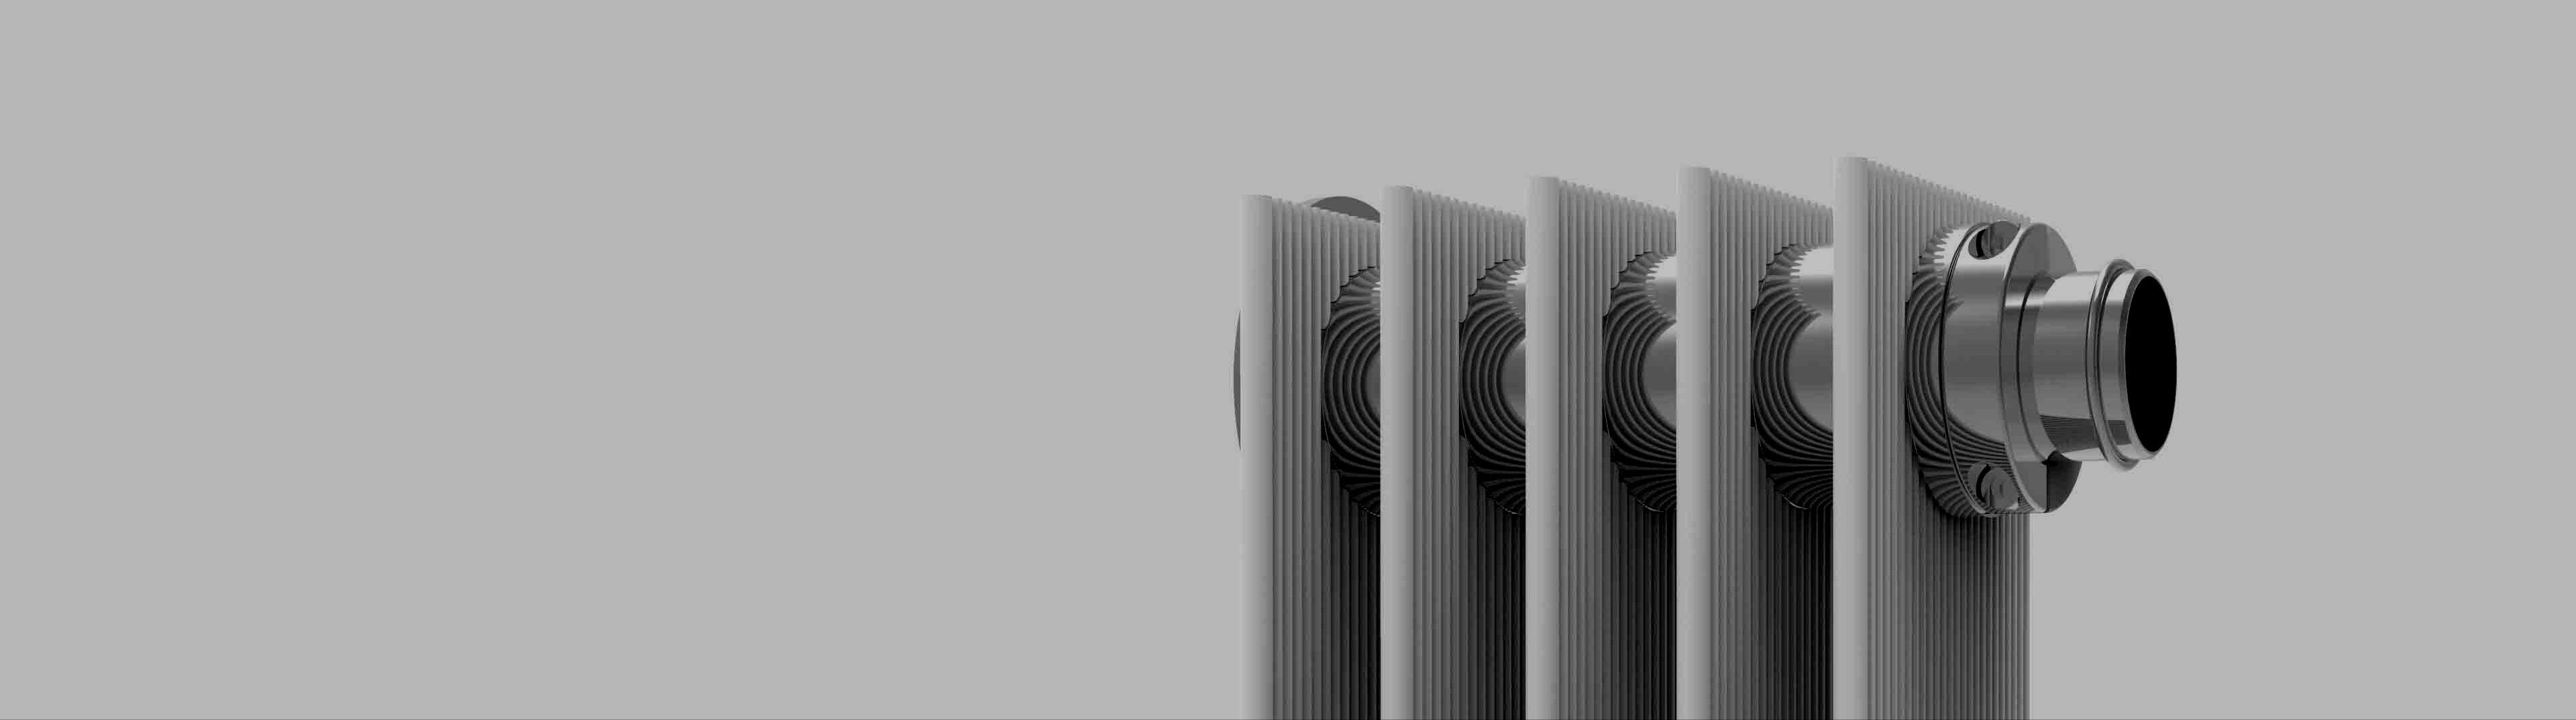 CONTIBAC® RX增稠过滤器